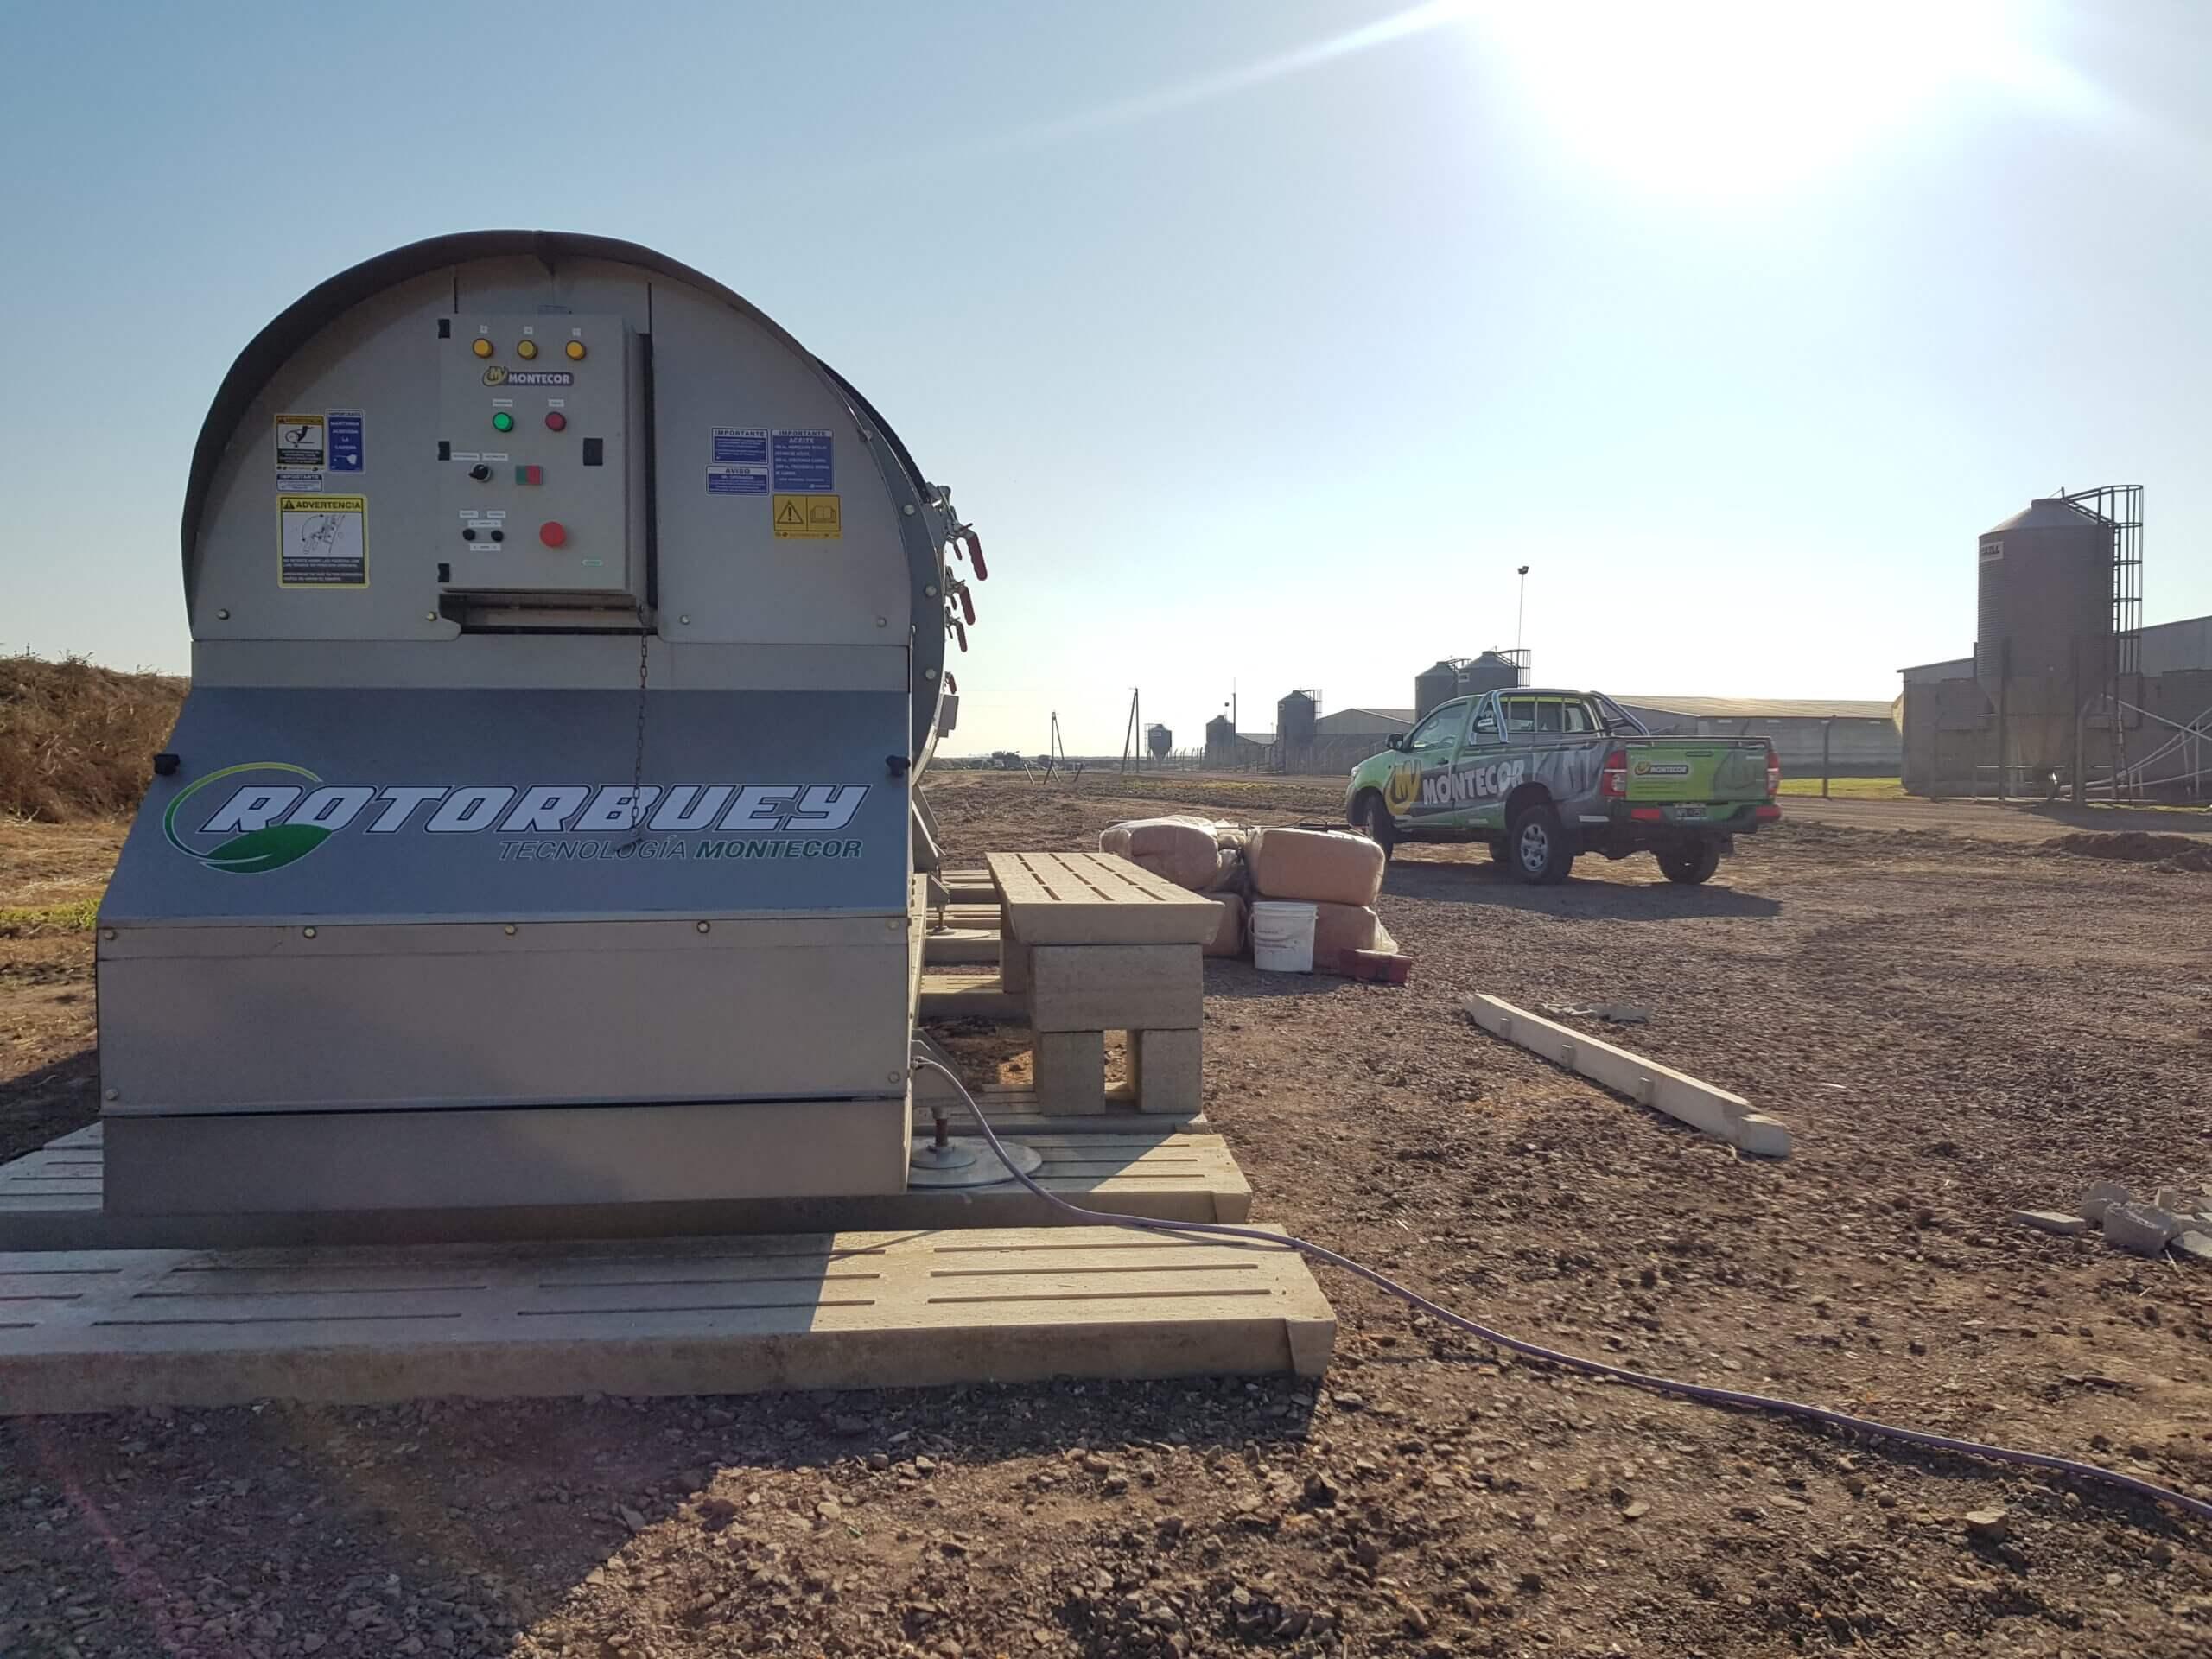 proyecto isowean rotorbuey - 2